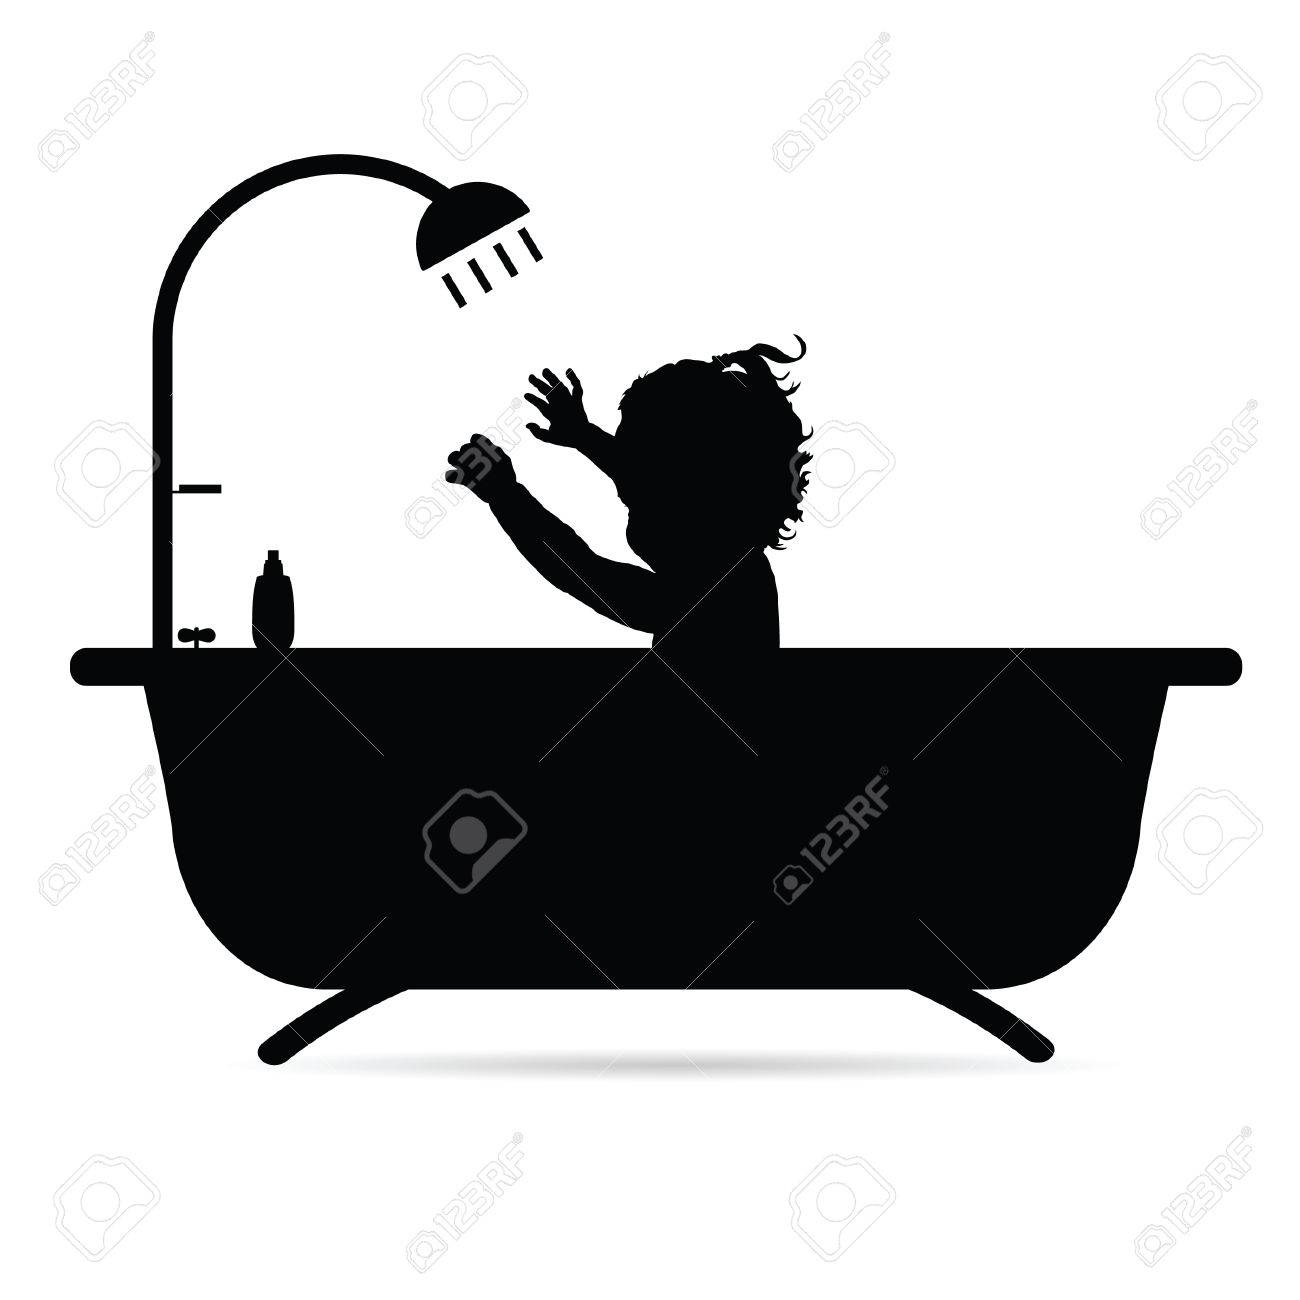 Vasca Da Bagno vasca da bagno nera : Bambino Nella Vasca Da Bagno Illustrazione Silhouette In Nero ...